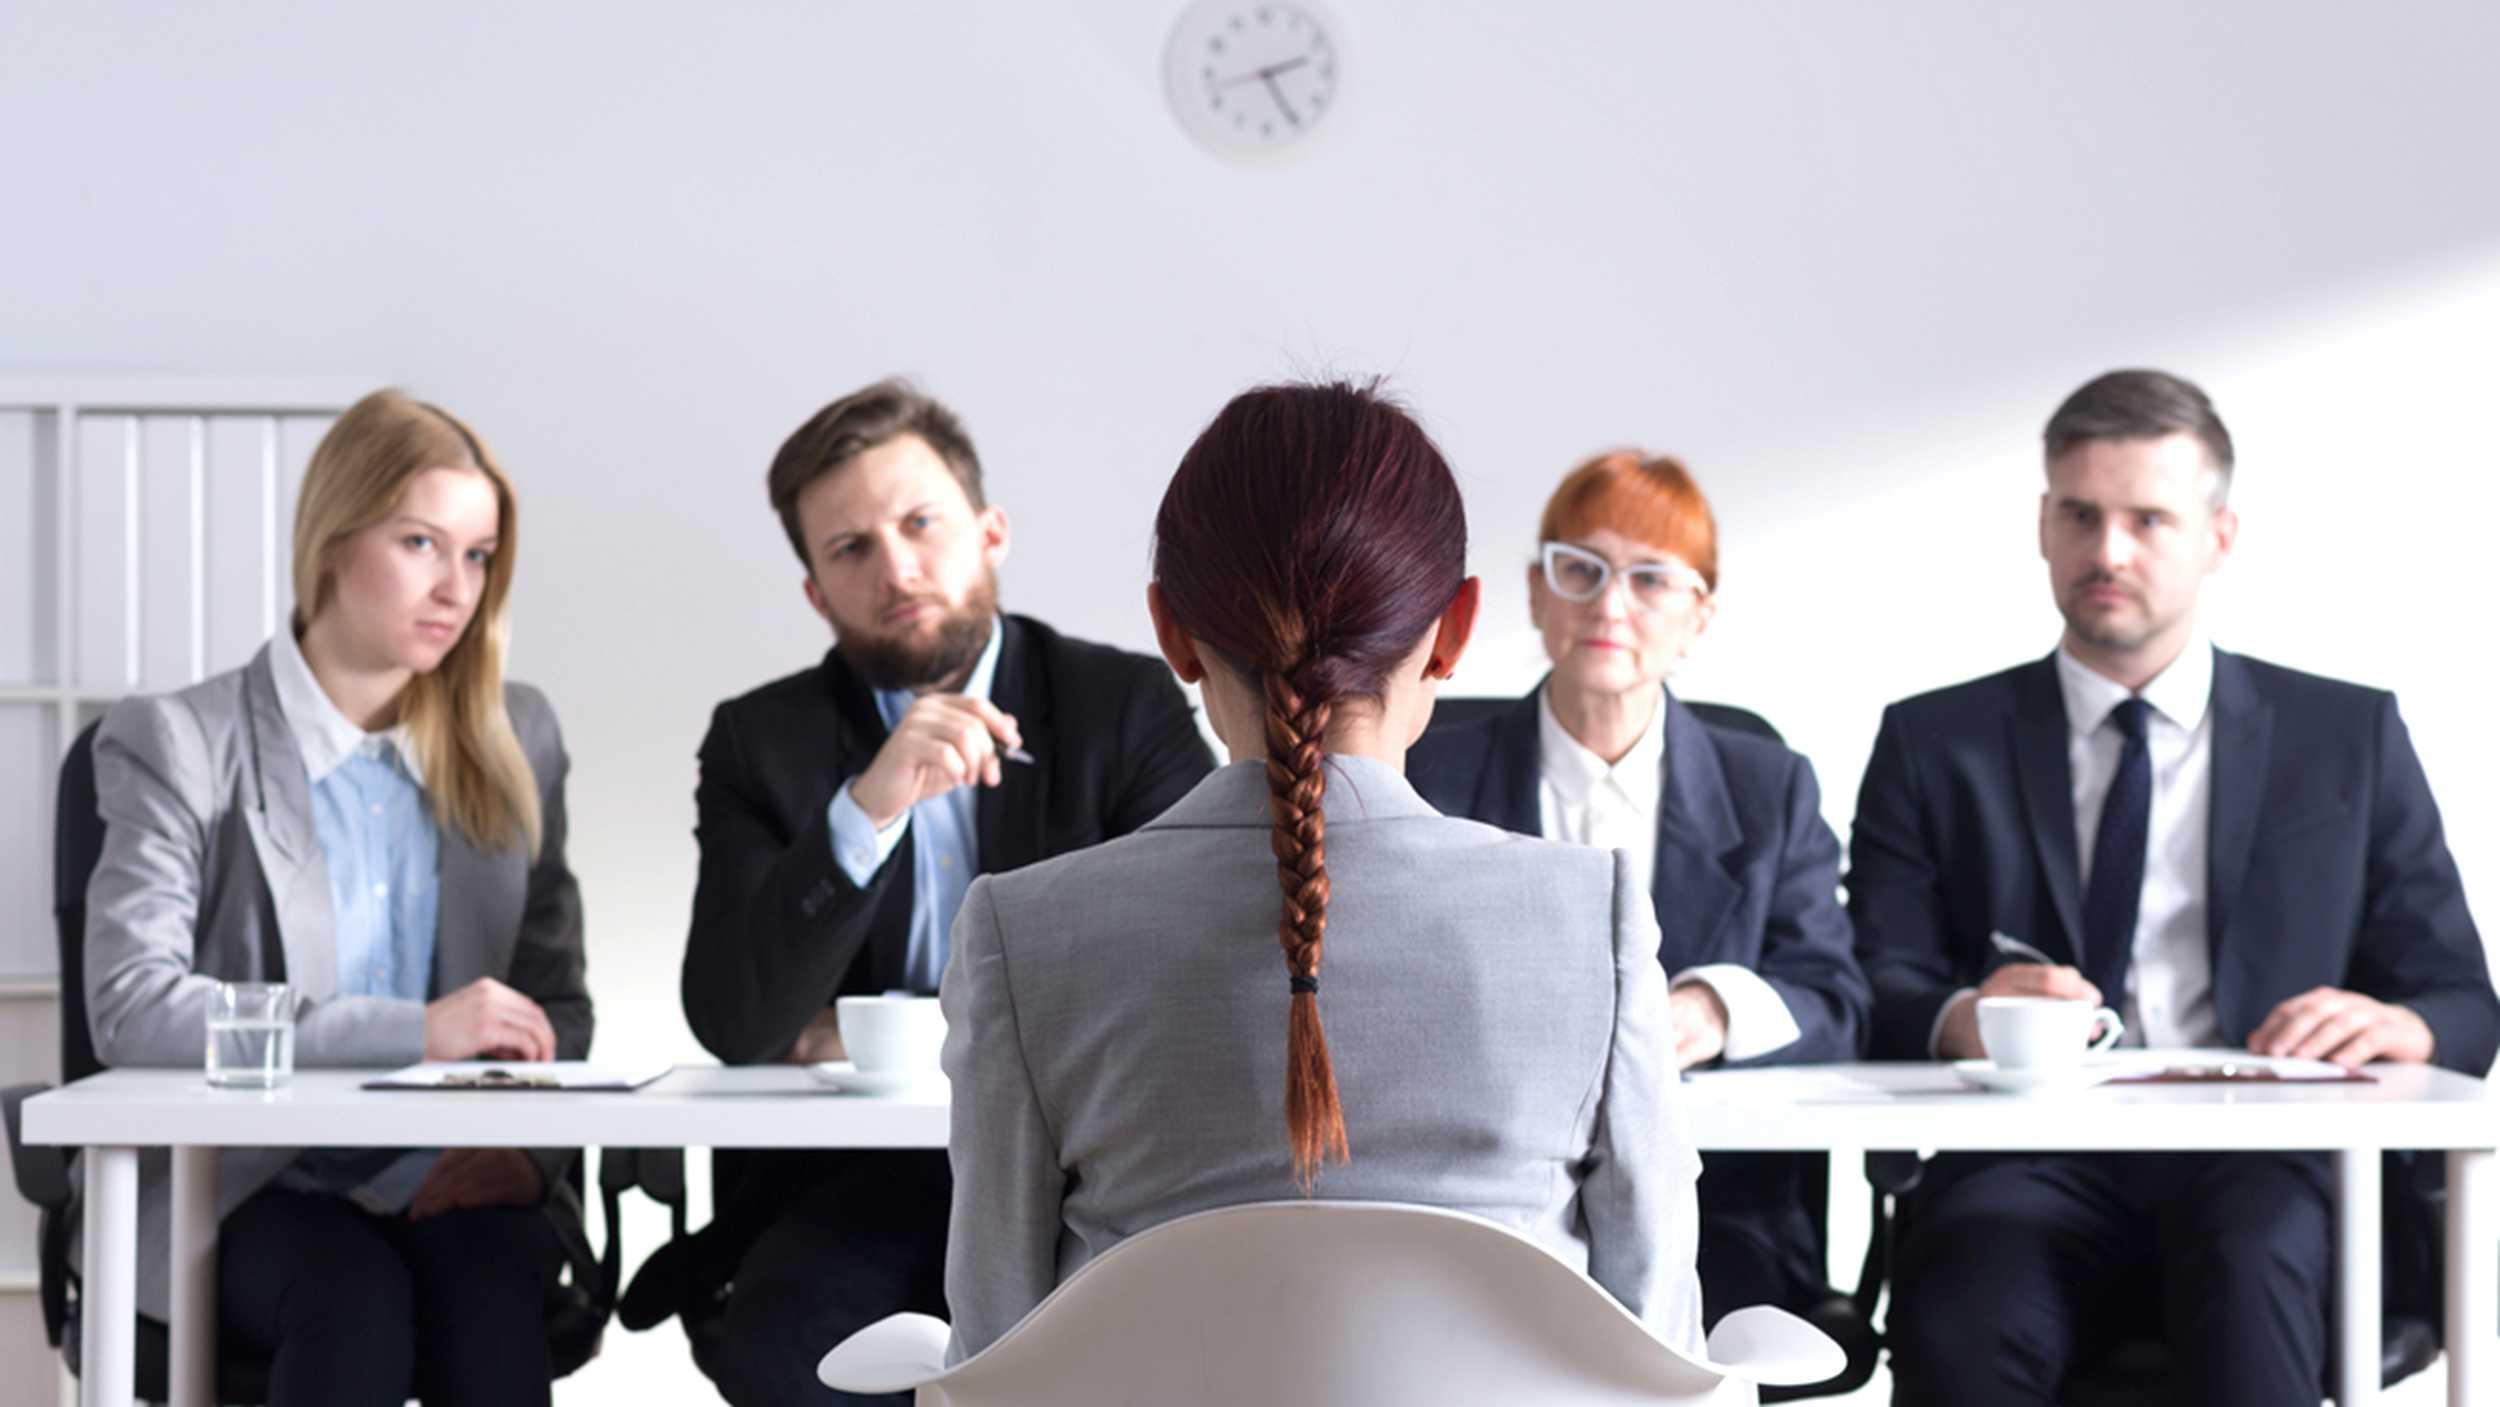 Những điều tuyệt đối cần tránh khi đang ứng tuyển xin việc.